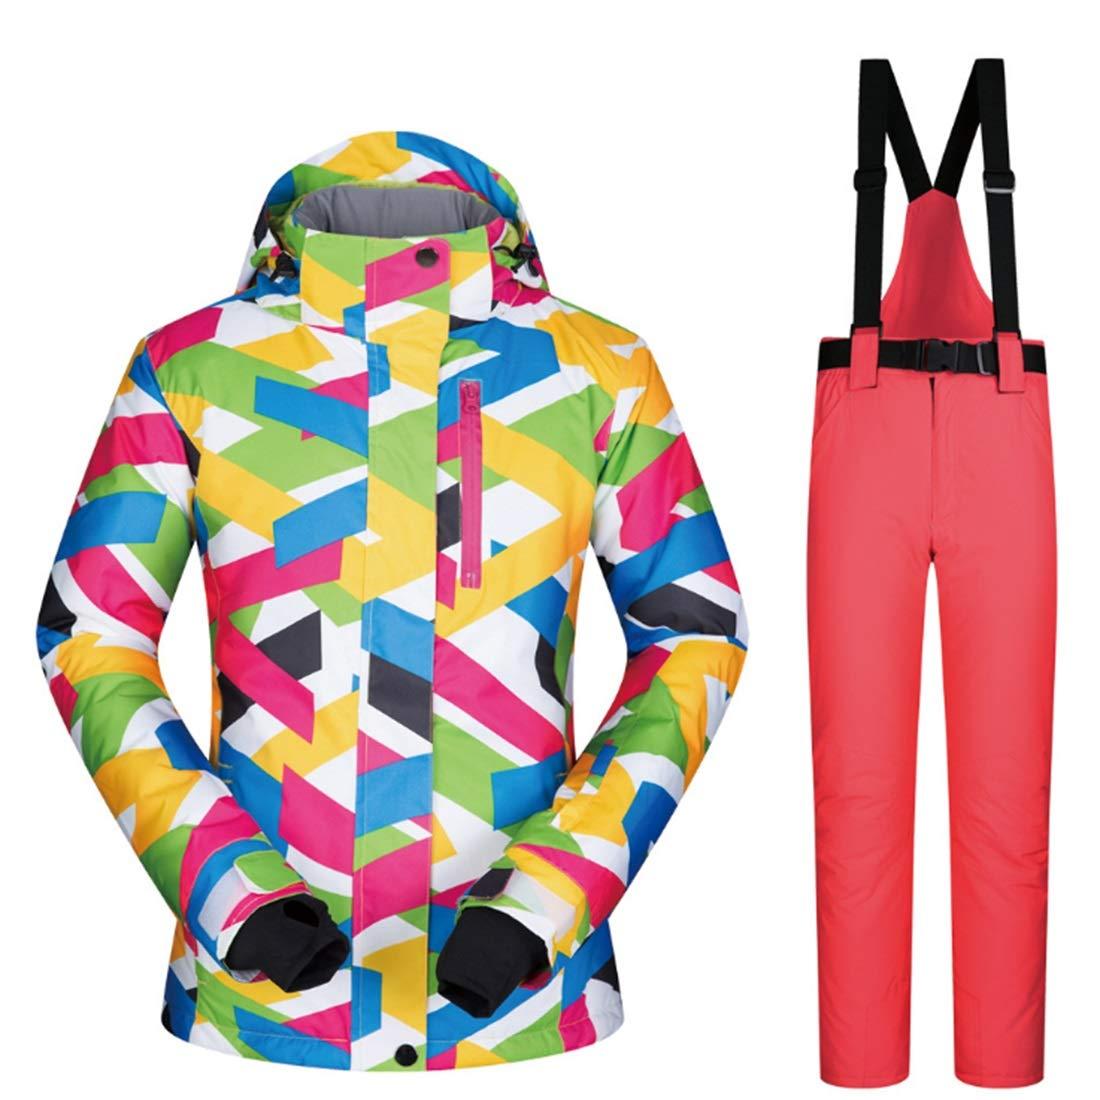 Danankan 女性用スキージャケットとパンツスノースーツ、ゼロコート (色 : 08, サイズ : L)  Large